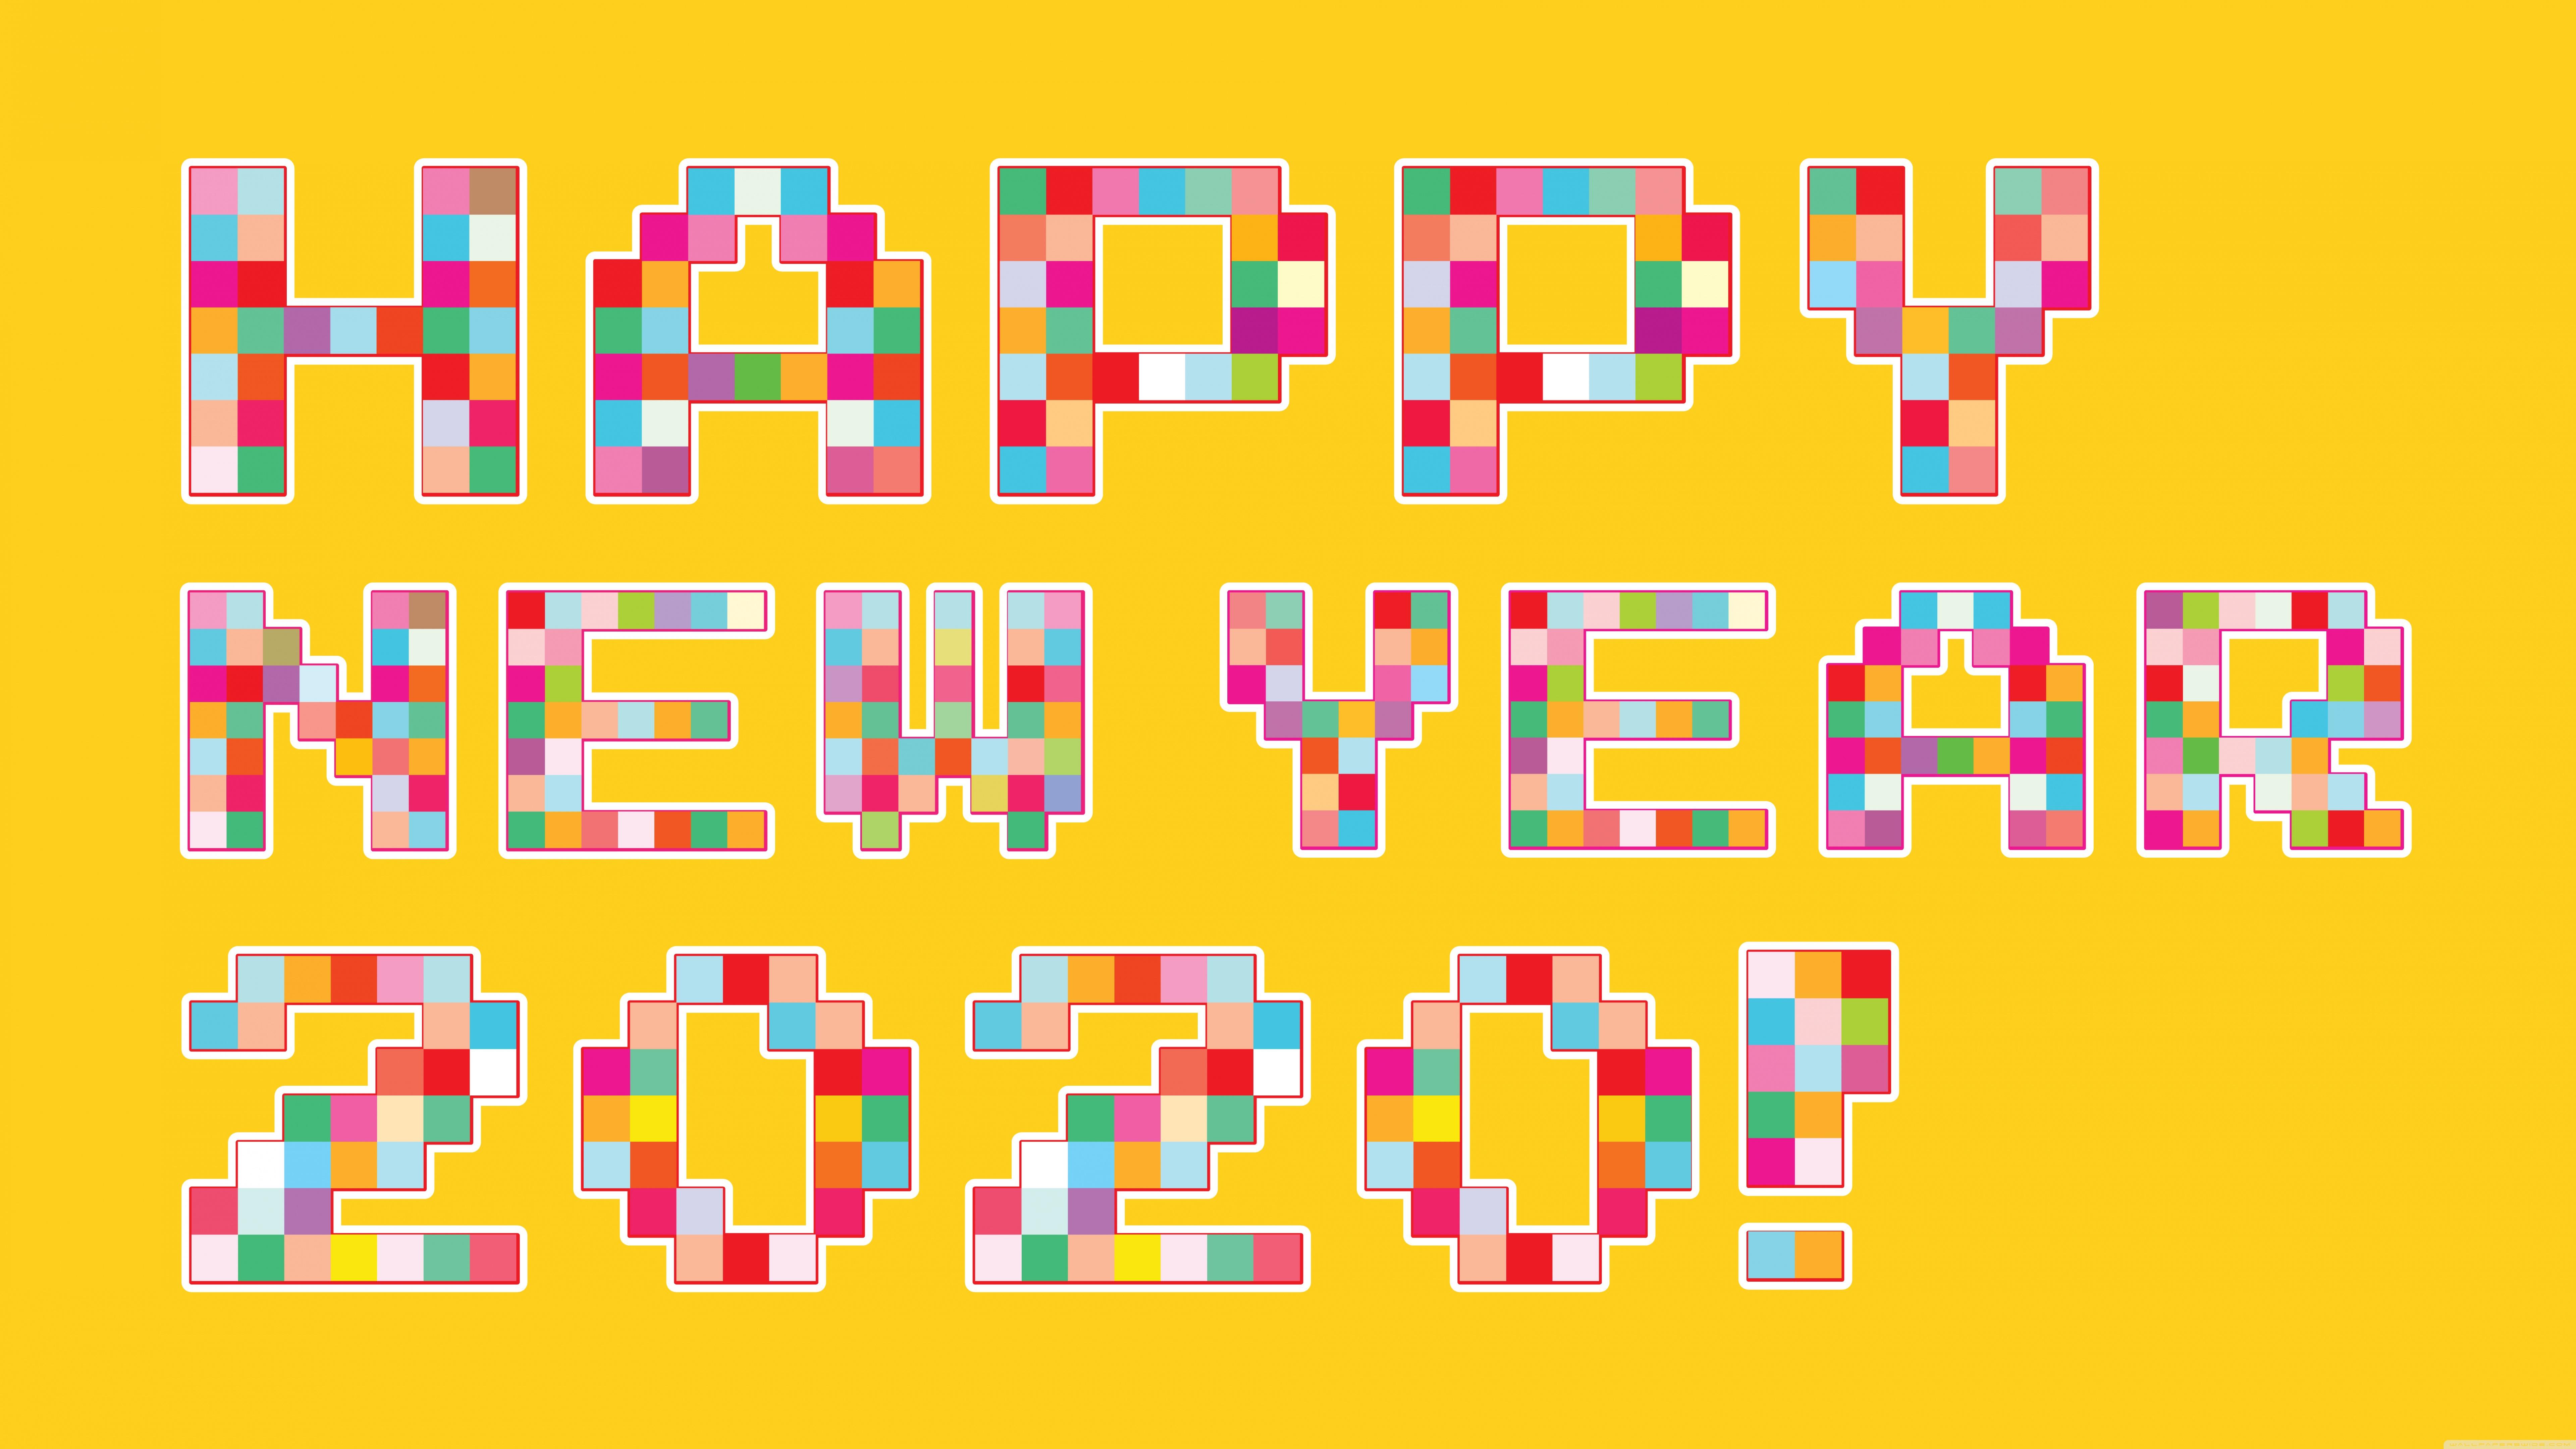 Happy New Year 2020 Pixel Art 4K HD Desktop Wallpaper for 4K 7680x4320